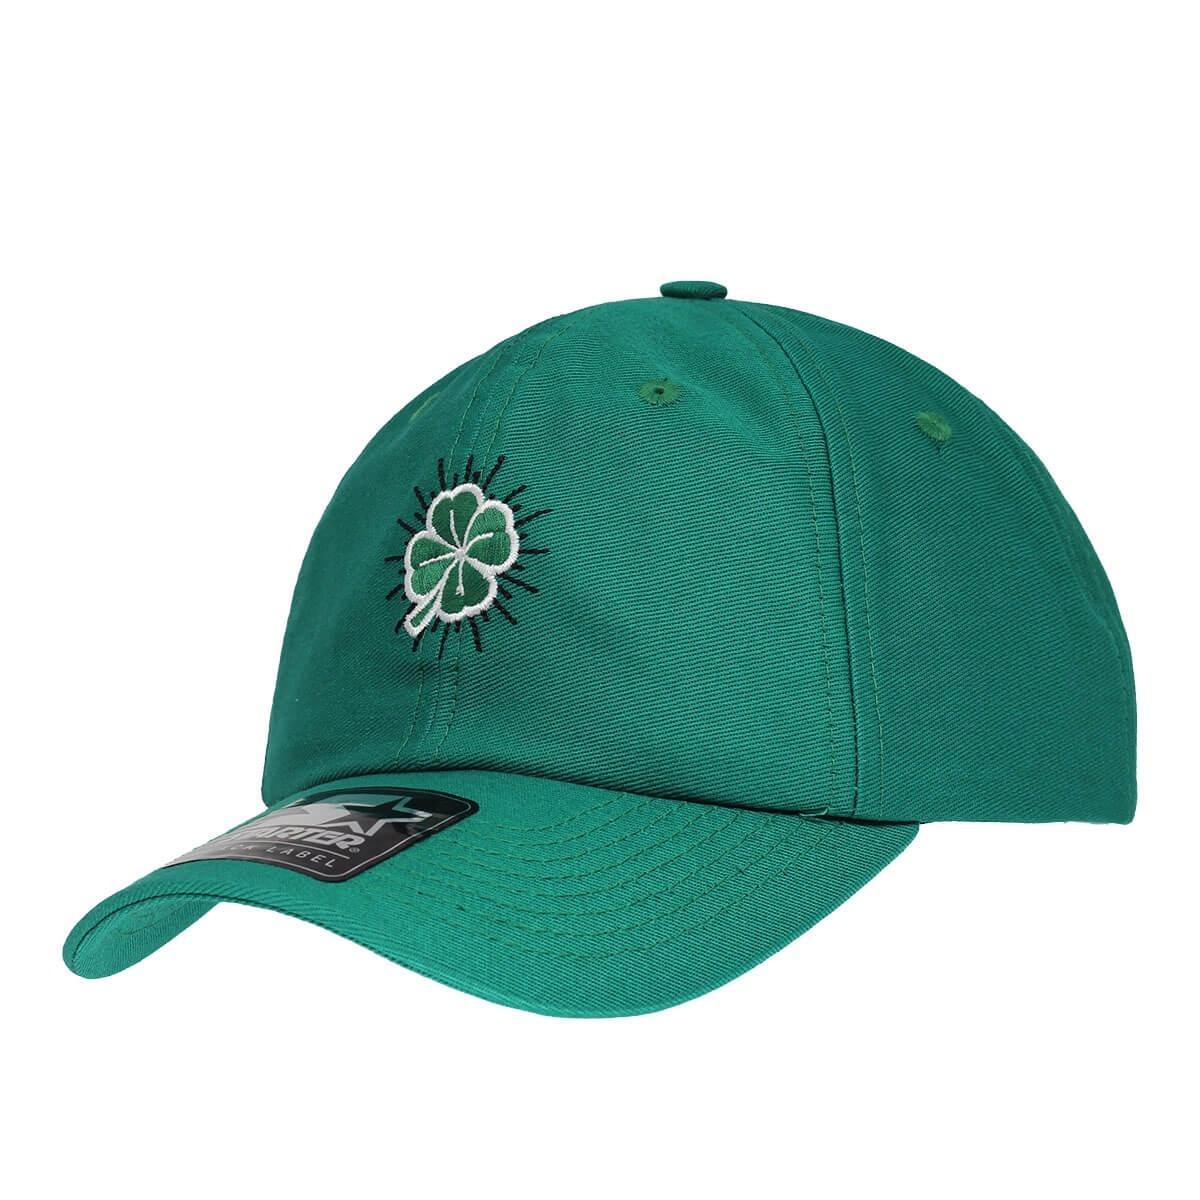 boné starter aba curva strapback luck  dad hats  - verde - ú. Carregando  zoom. e6a4ab36d8e